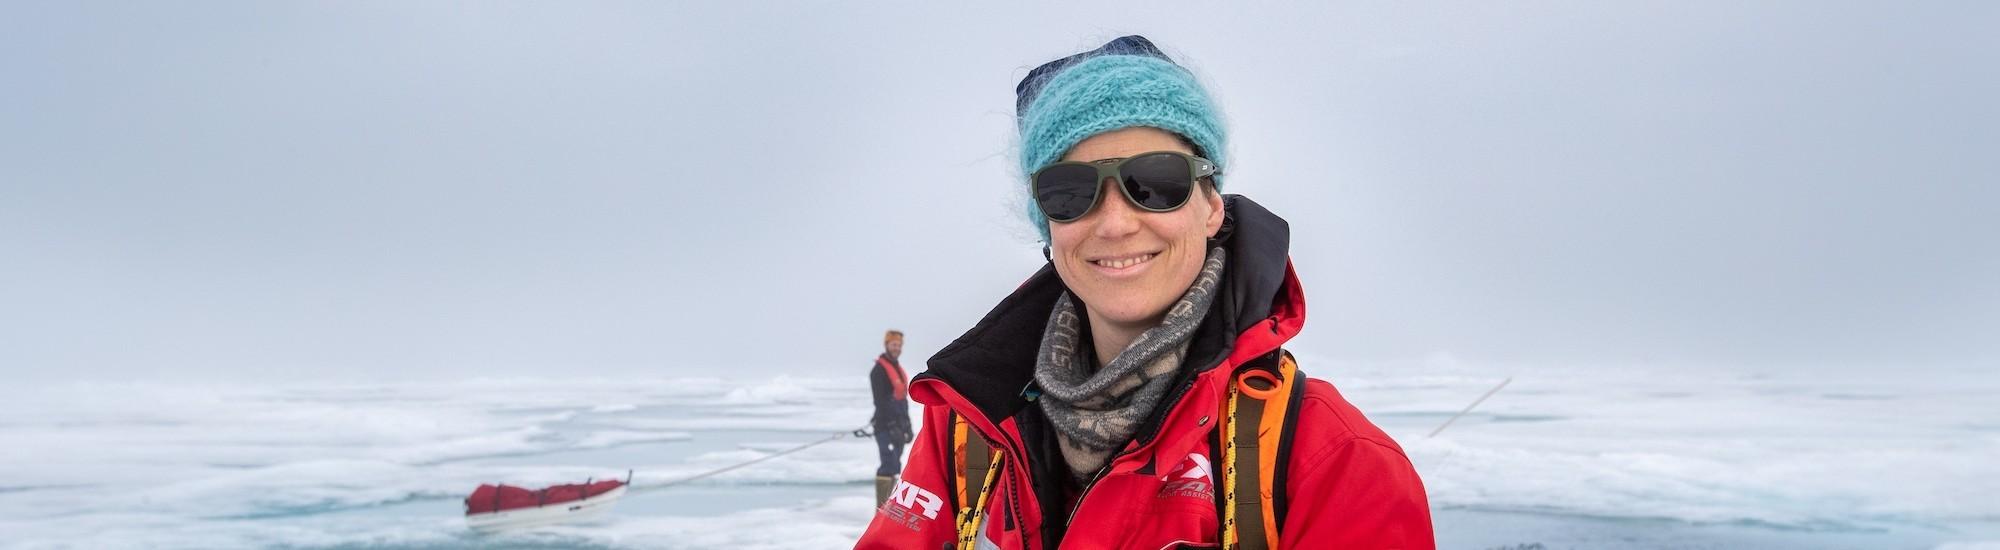 Verena Mohaupt in der Arktis, hinter ihr Eis und Eischollen .